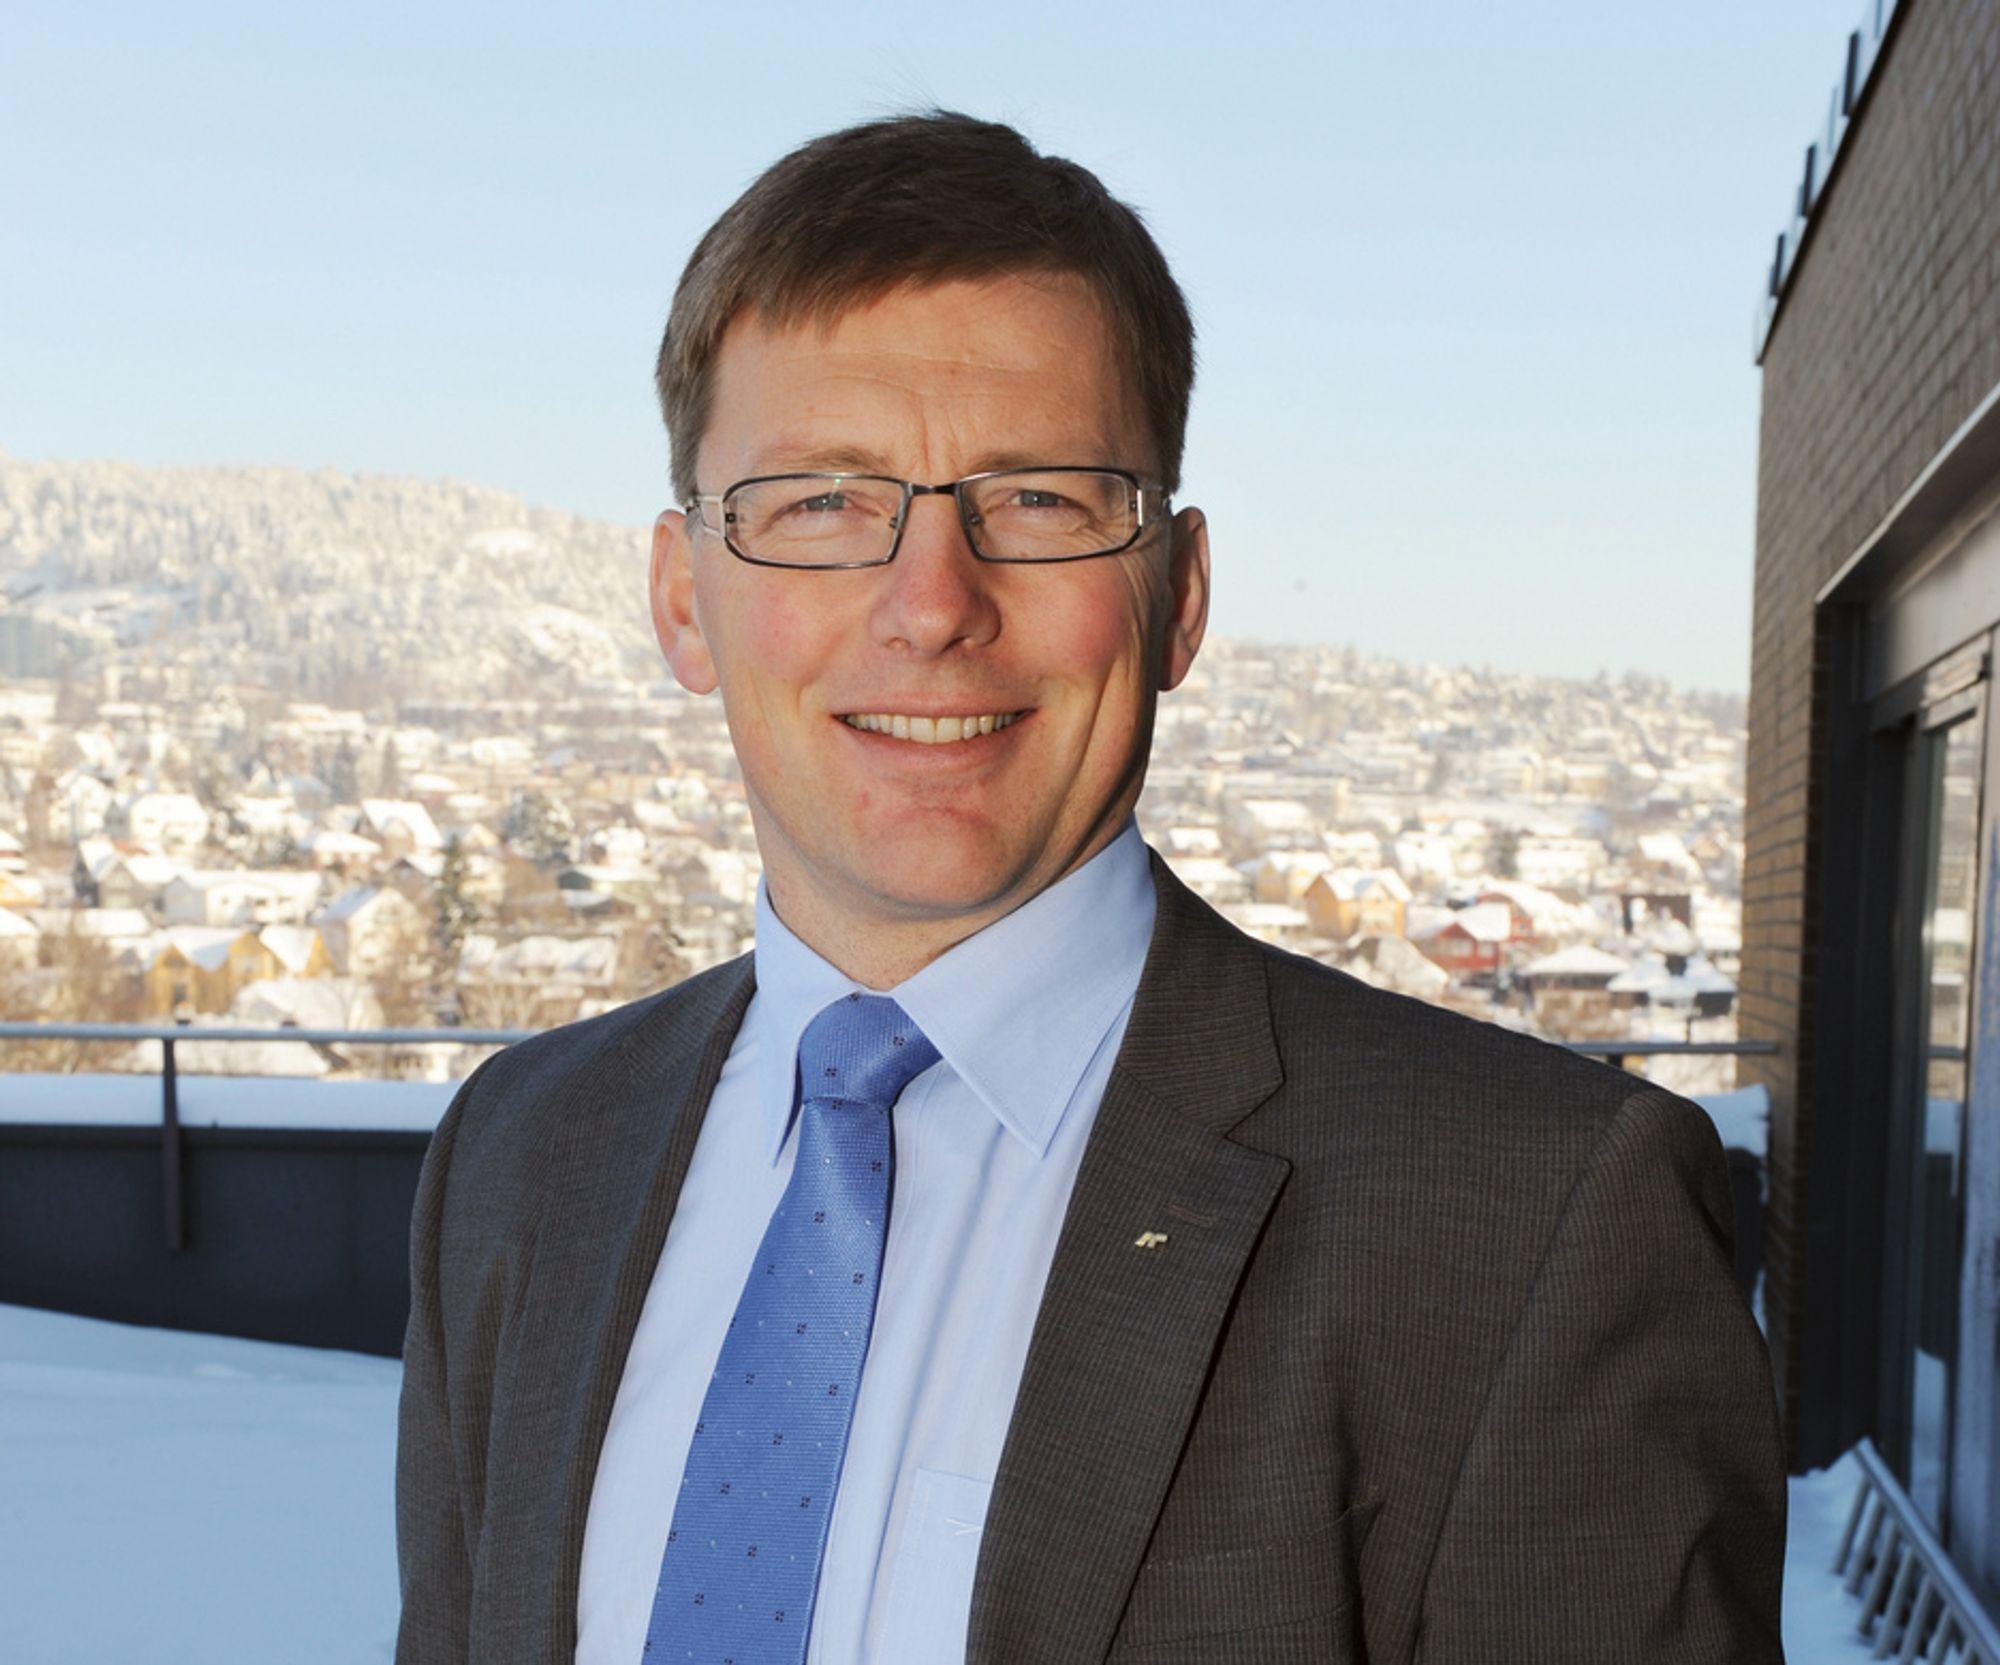 Fremtidsbildet er fortsatt preget av usikkerhet,, sier Pål Egil Rønn, konsernsjef i AF Gruppen.